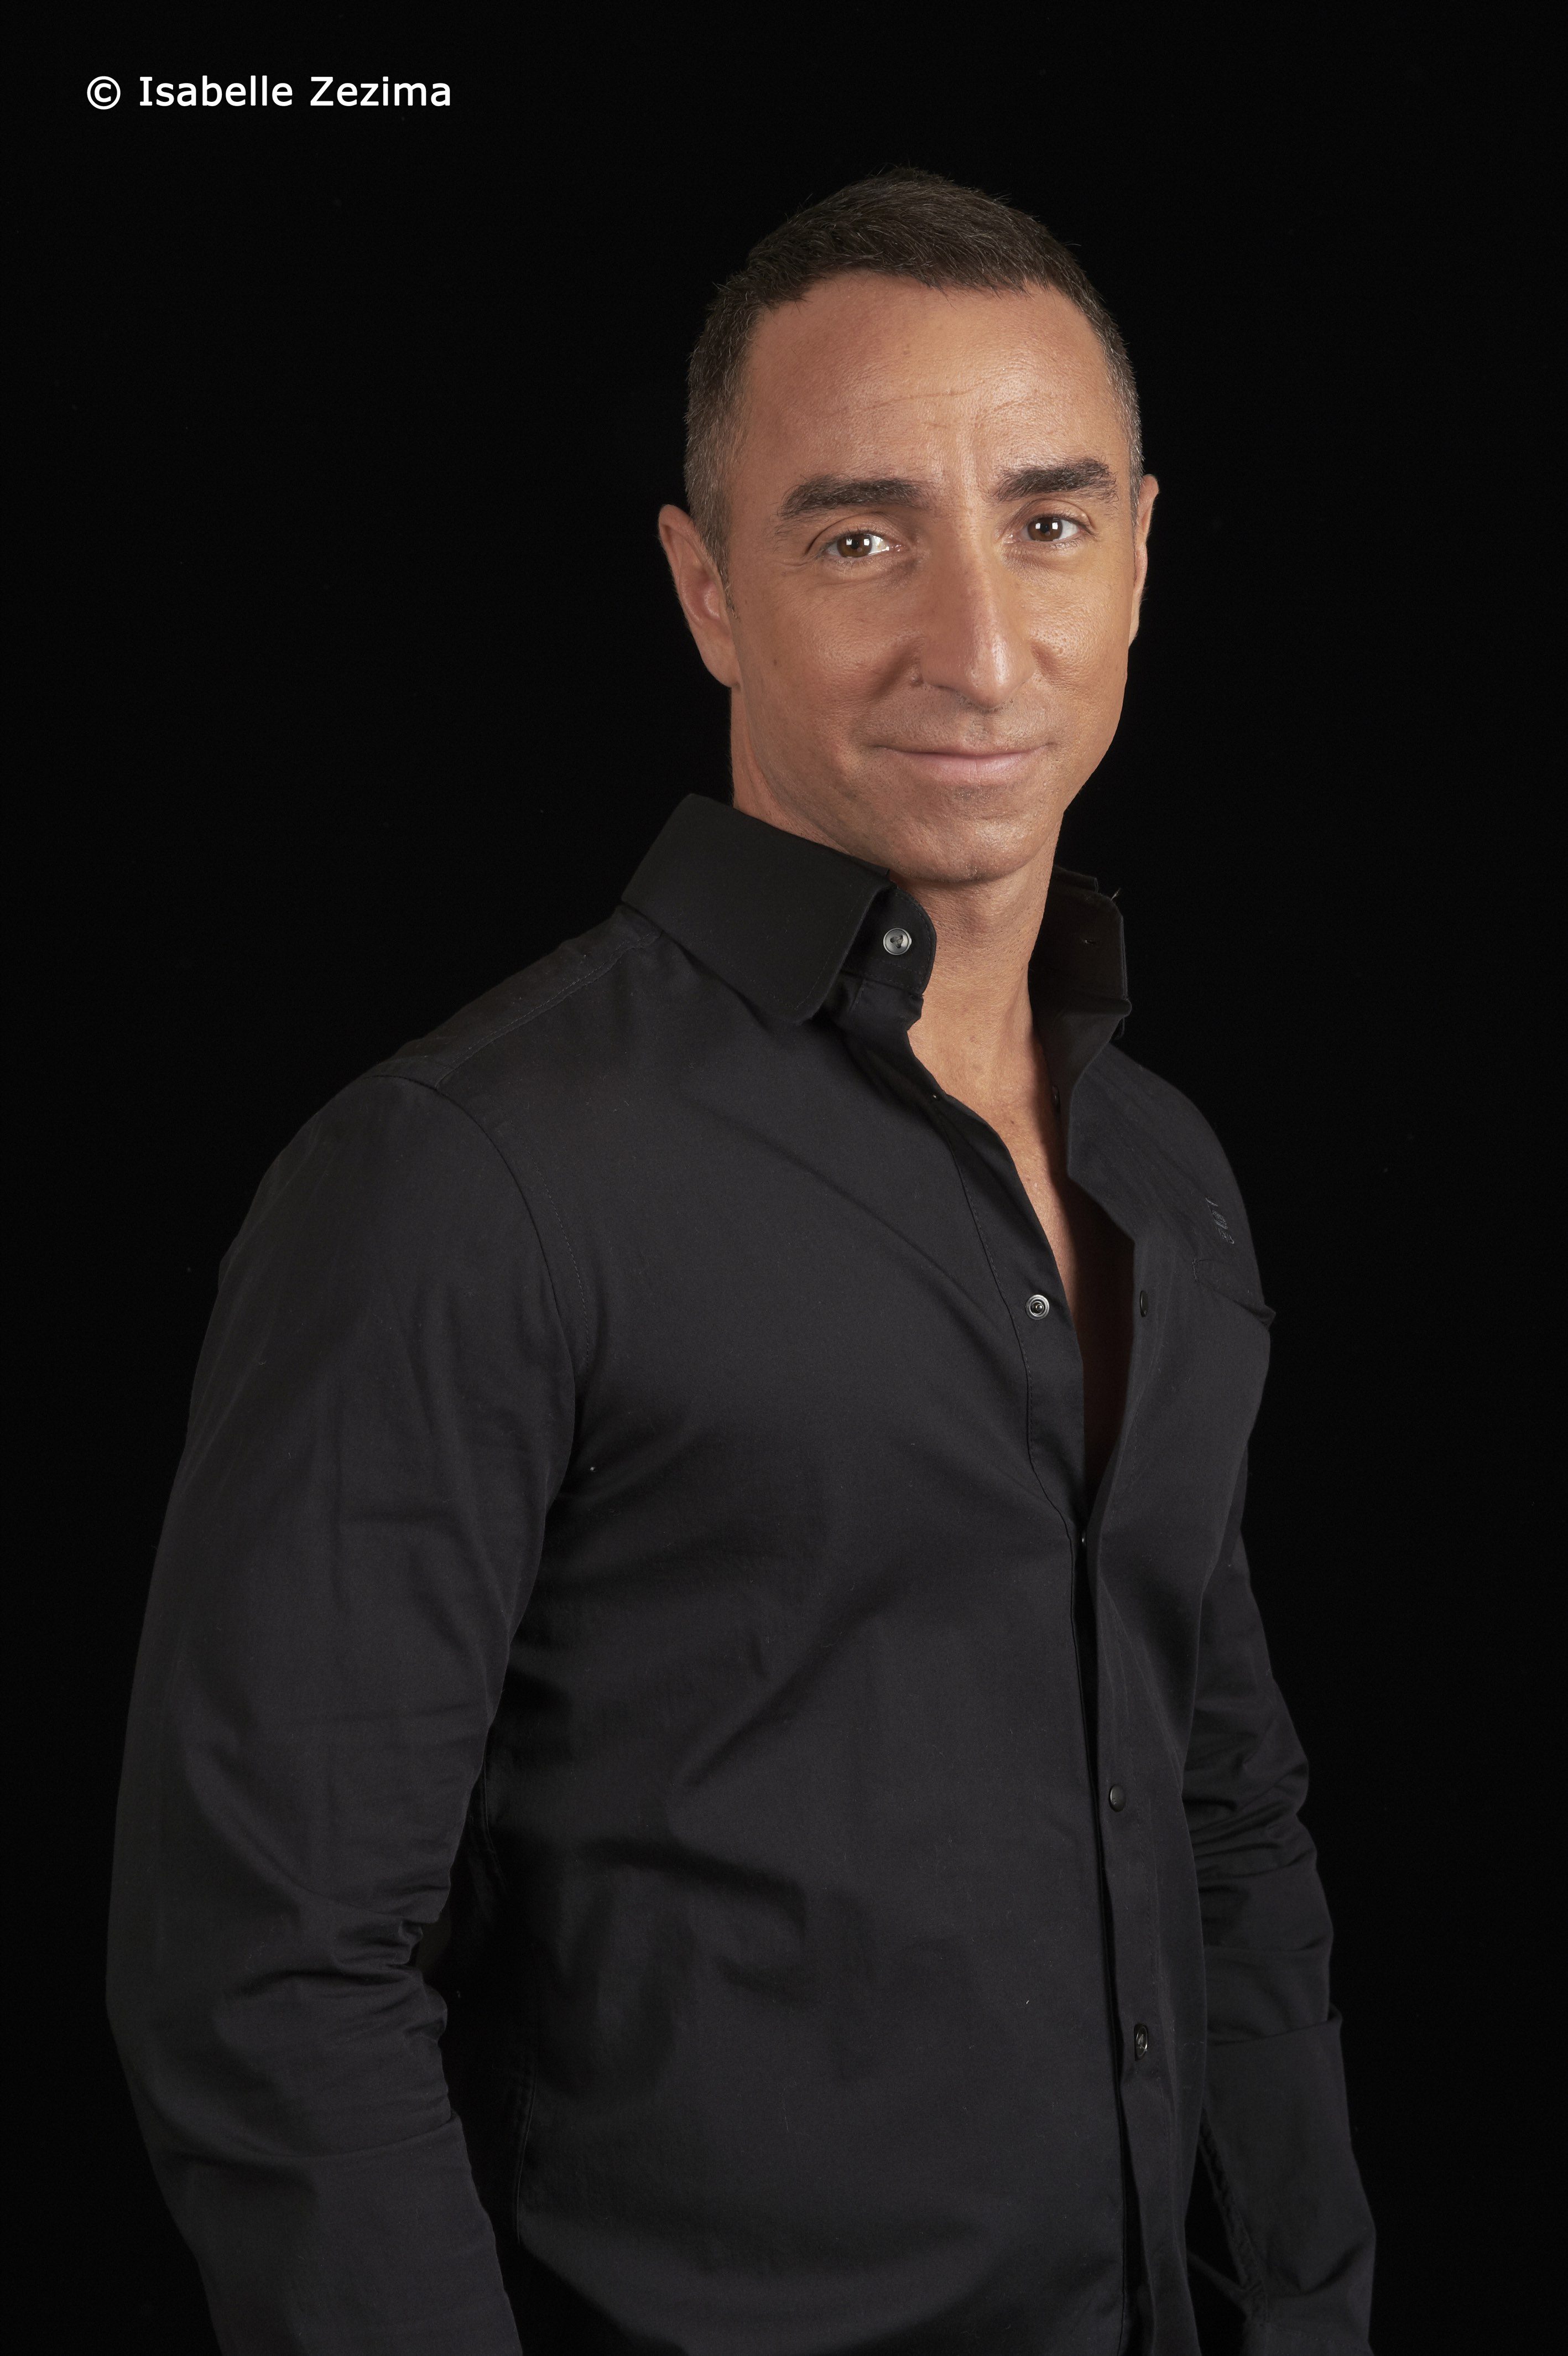 Portrait Presse pour Giuliano Peparini, danseur, chorégraphe et metteur en scène.